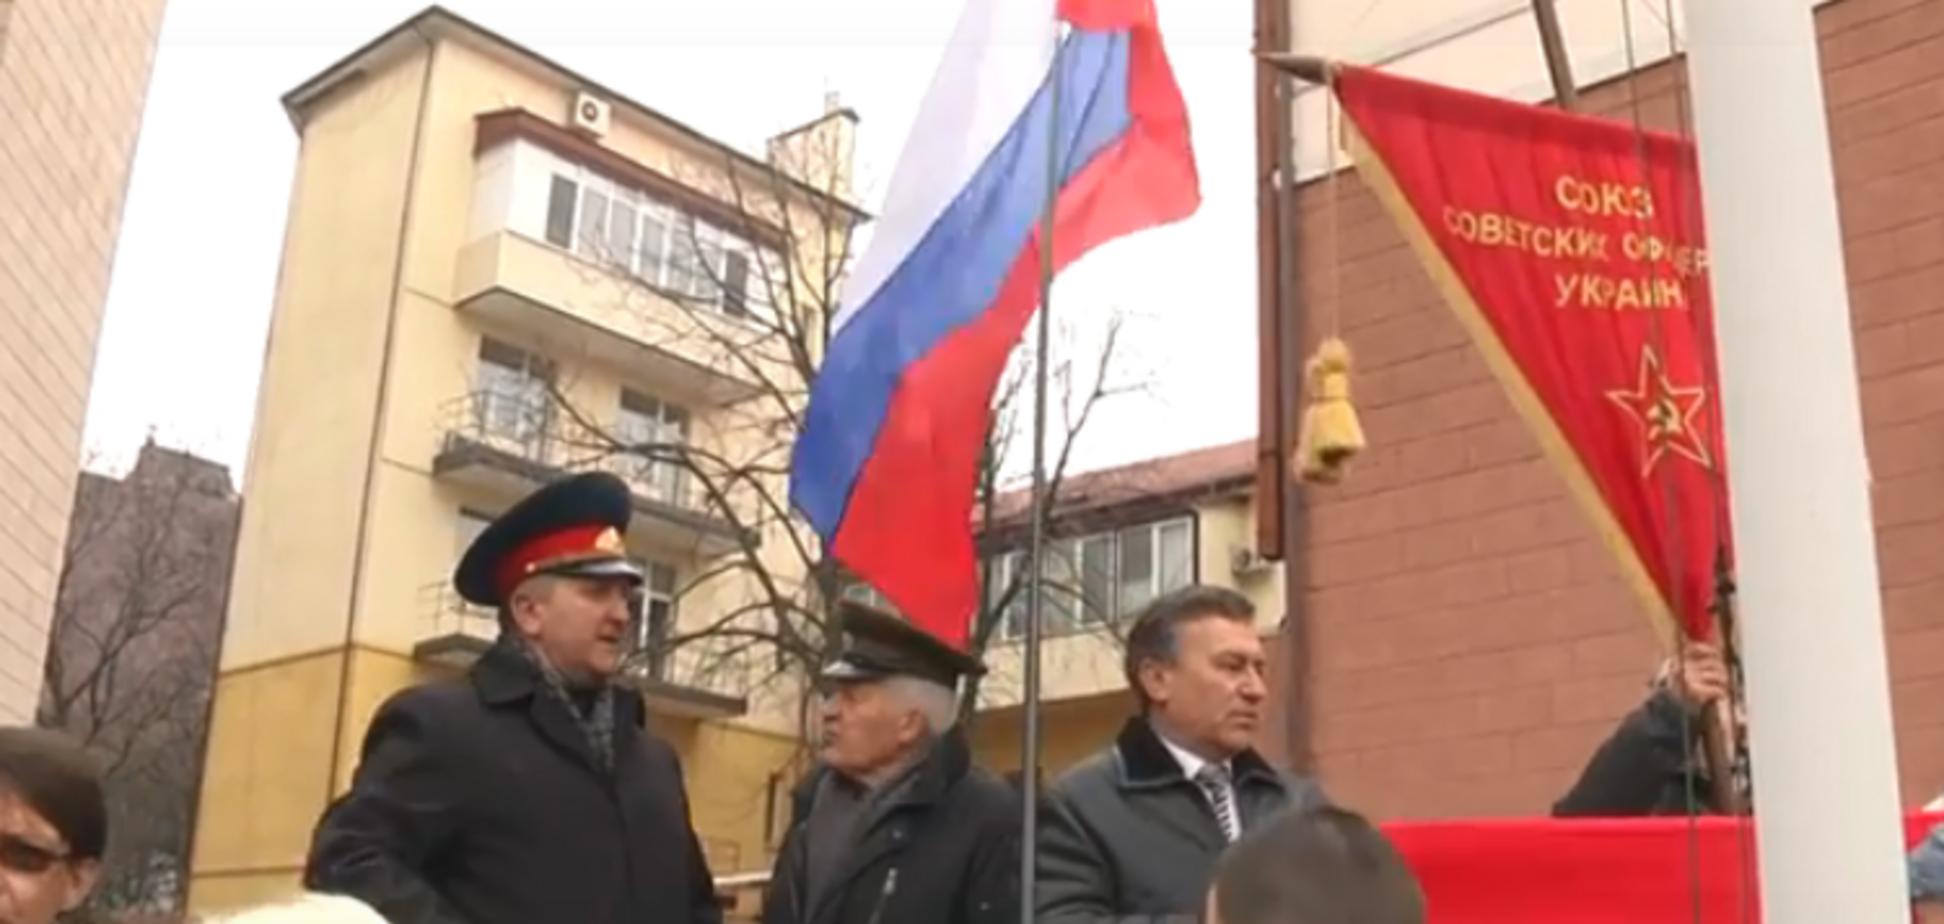 У Дніпрі спалахнув скандал через фаната 'русского міра' у виборчкомі